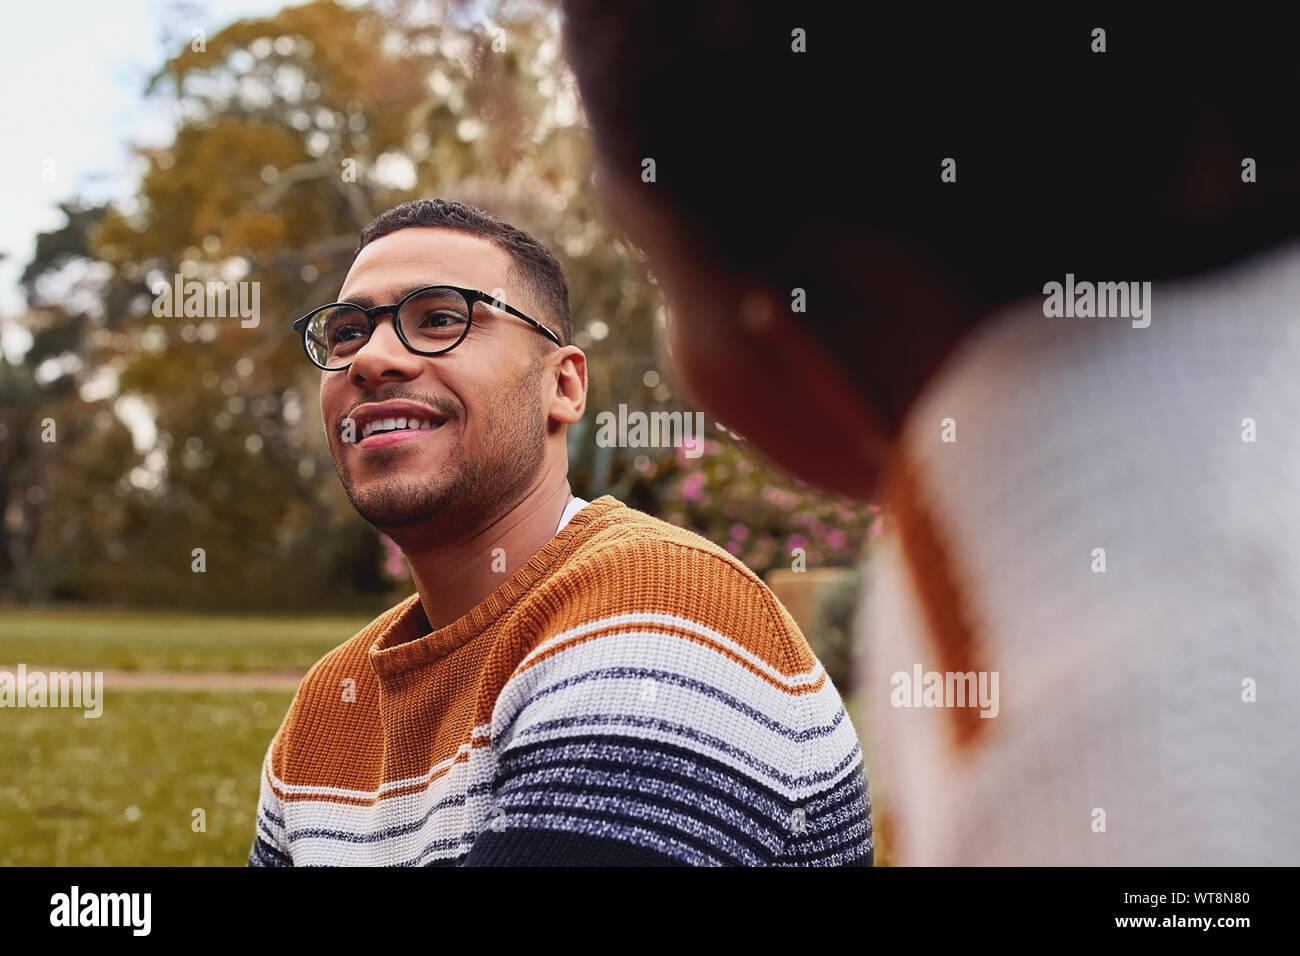 Close-up di un sorridente giovane africano indossando occhiali seduto con la sua fidanzata a park Foto Stock